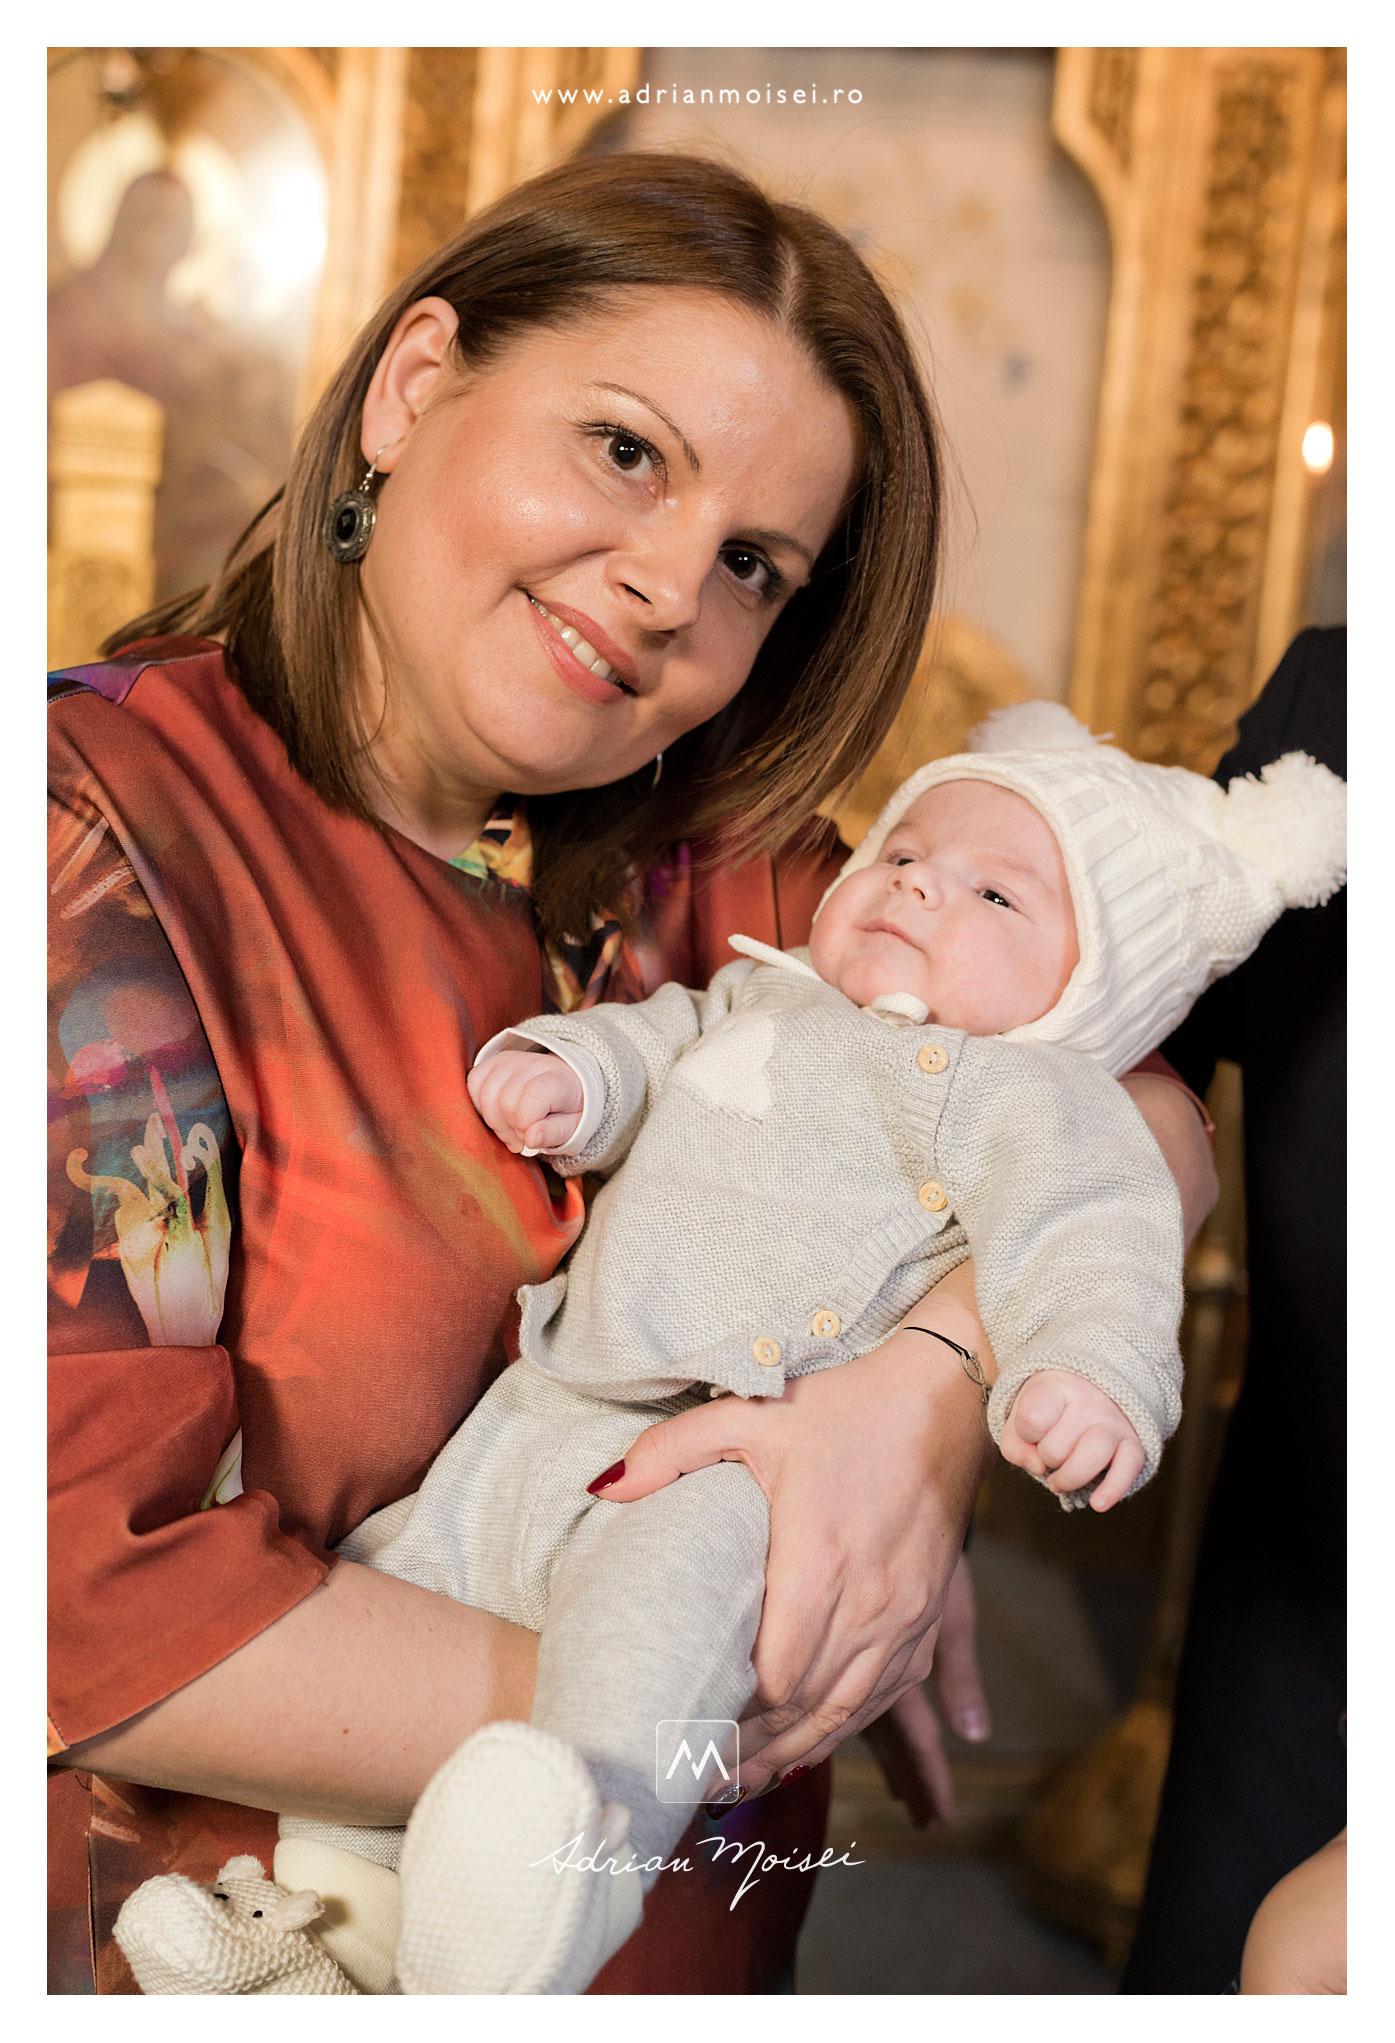 Mamică cu nou născut în brațe după botez la biserica Sfântul Nicolae Domnesc în Iași